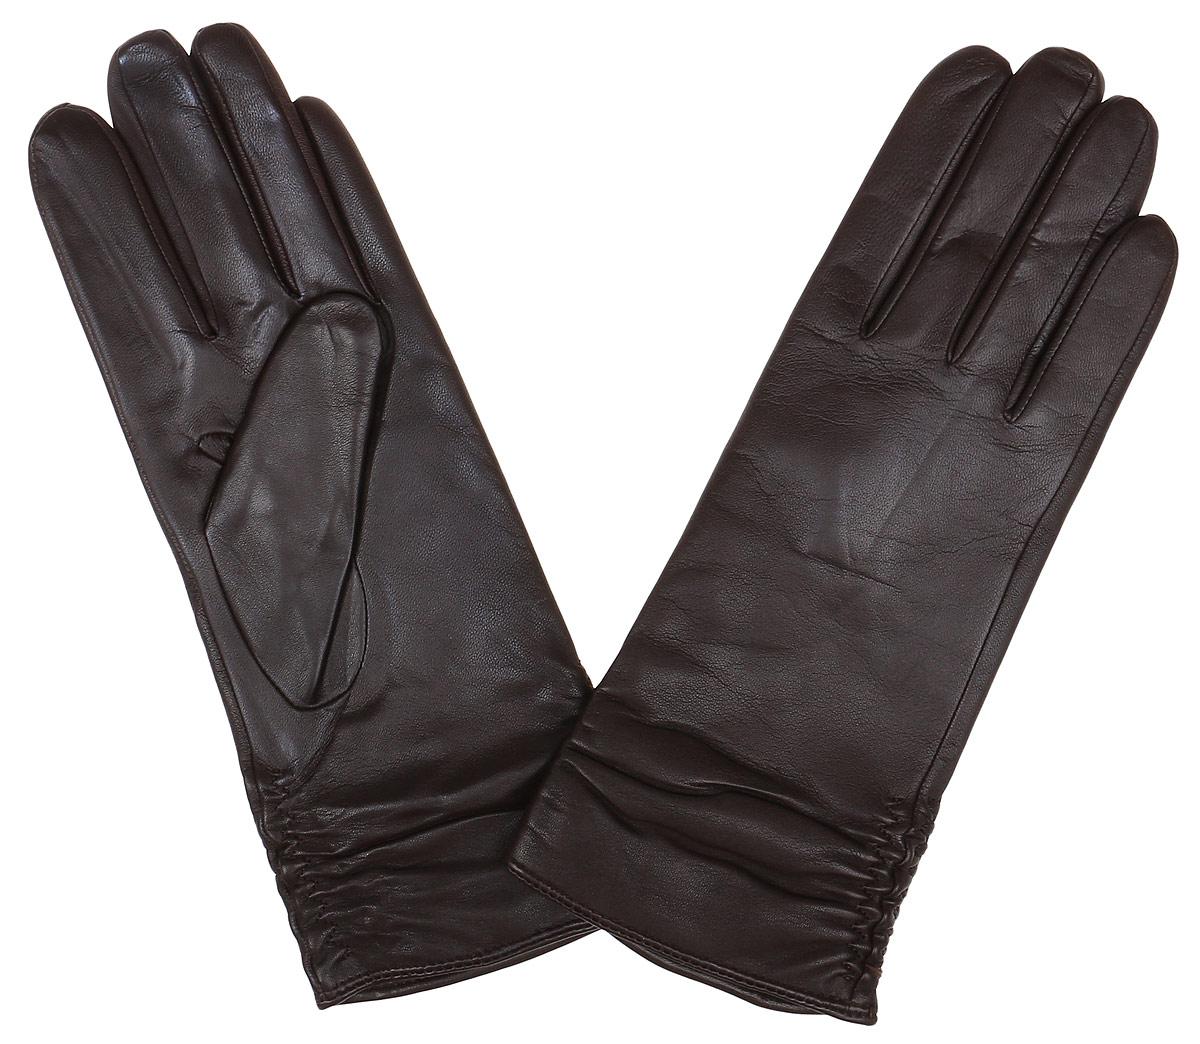 Перчатки женские Fabretti, цвет: шоколадный. 12.25-2. Размер 812.25-2 chocolateСтильные женские перчатки Fabretti не только защитят ваши руки, но и станут великолепным украшением. Перчатки выполнены из натуральной кожи ягненка, а их подкладка - из высококачественной шерсти с добавлением кашемира.Модель оформлена оригинальными строчками-стежками, которые дополнены эластичной резинкой. Стильный аксессуар для повседневного образа.